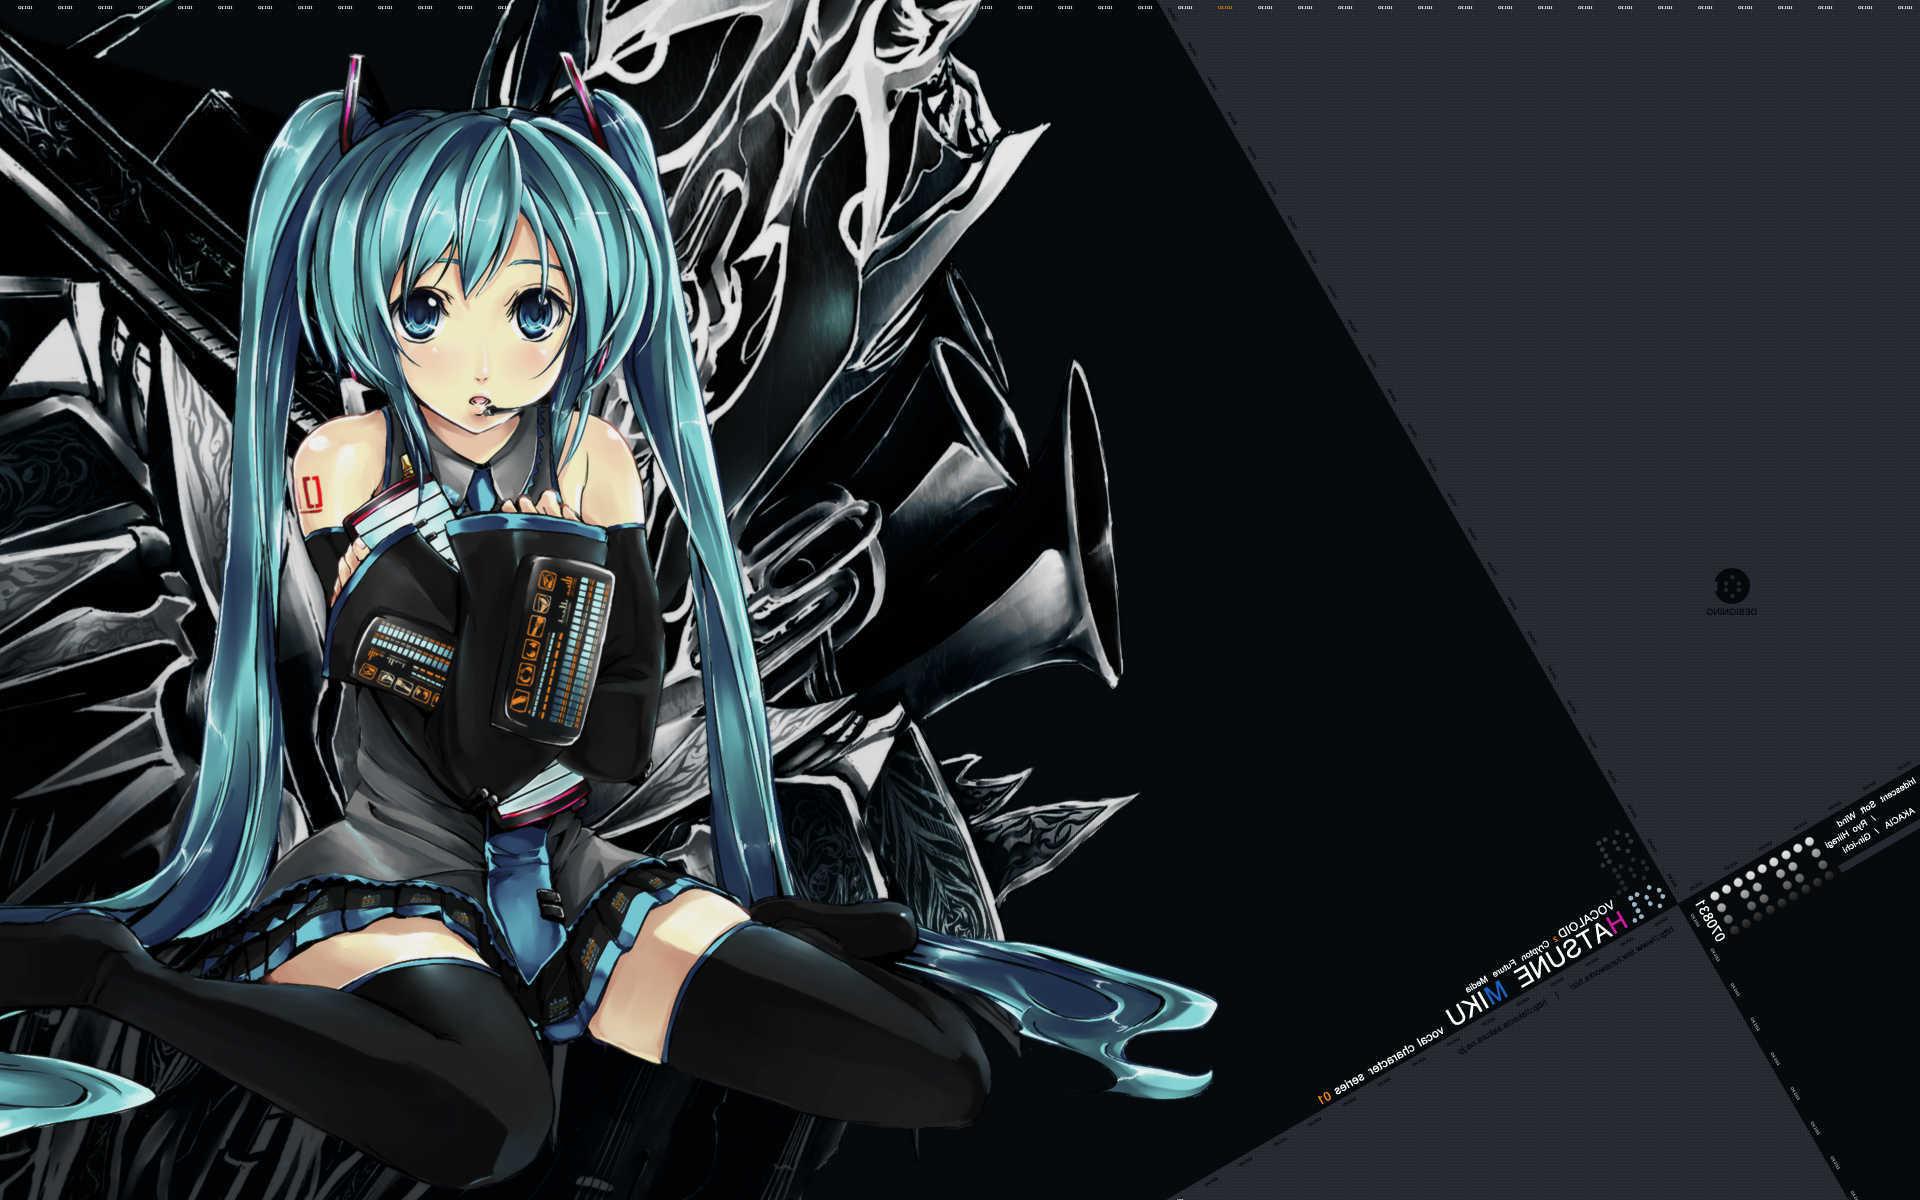 Ultra Hd Vocaloid Wallpaper #s2paw9e